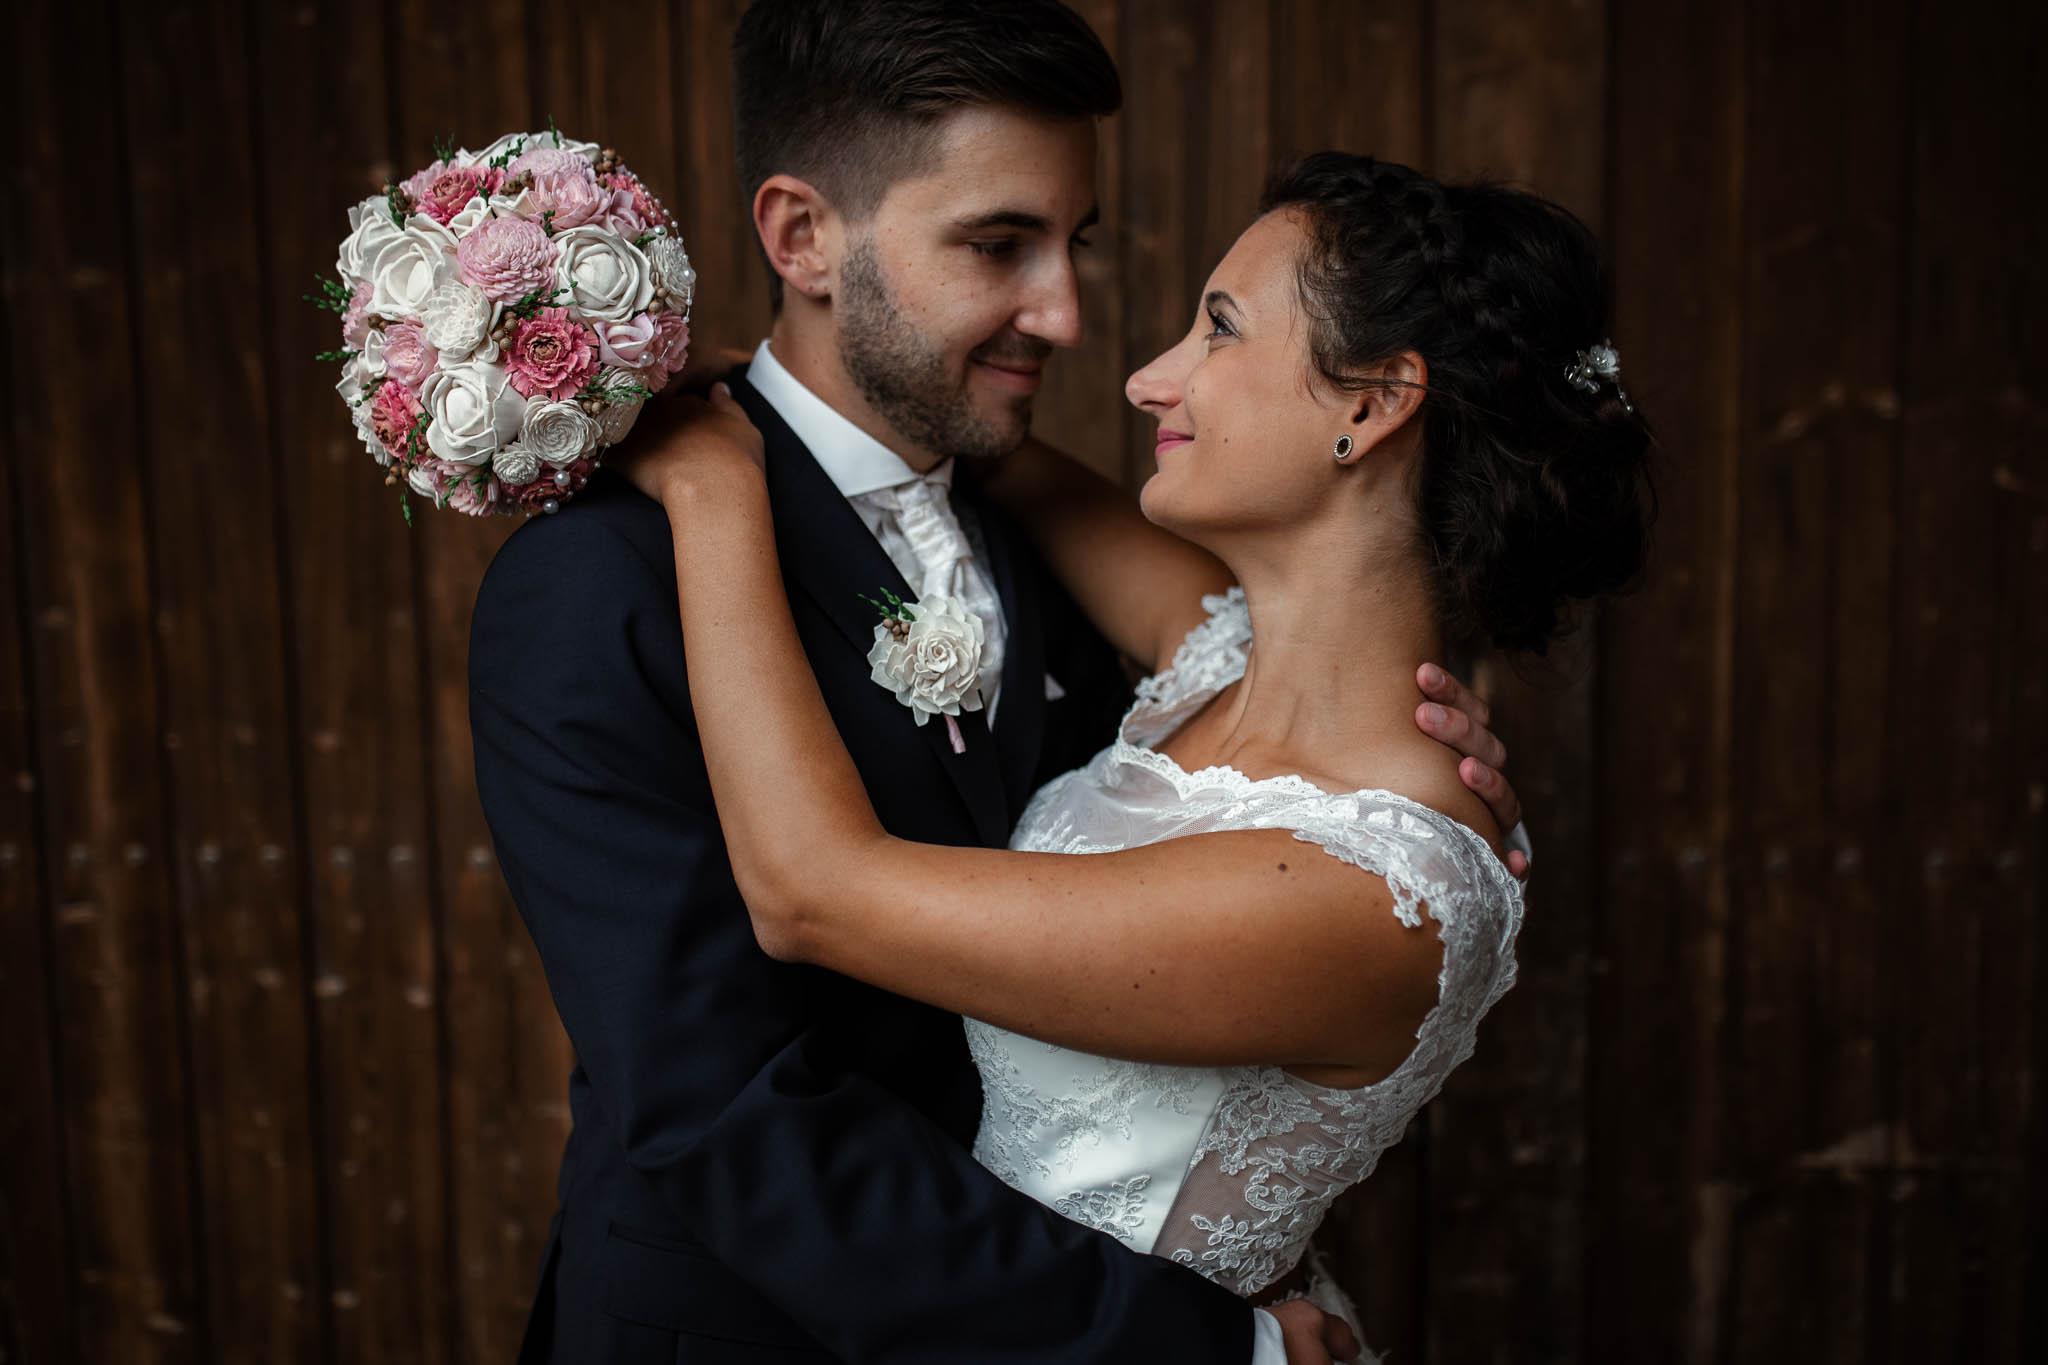 Hochzeitsfotograf Monzernheim: freie Trauung von Sarah & Patrick 42